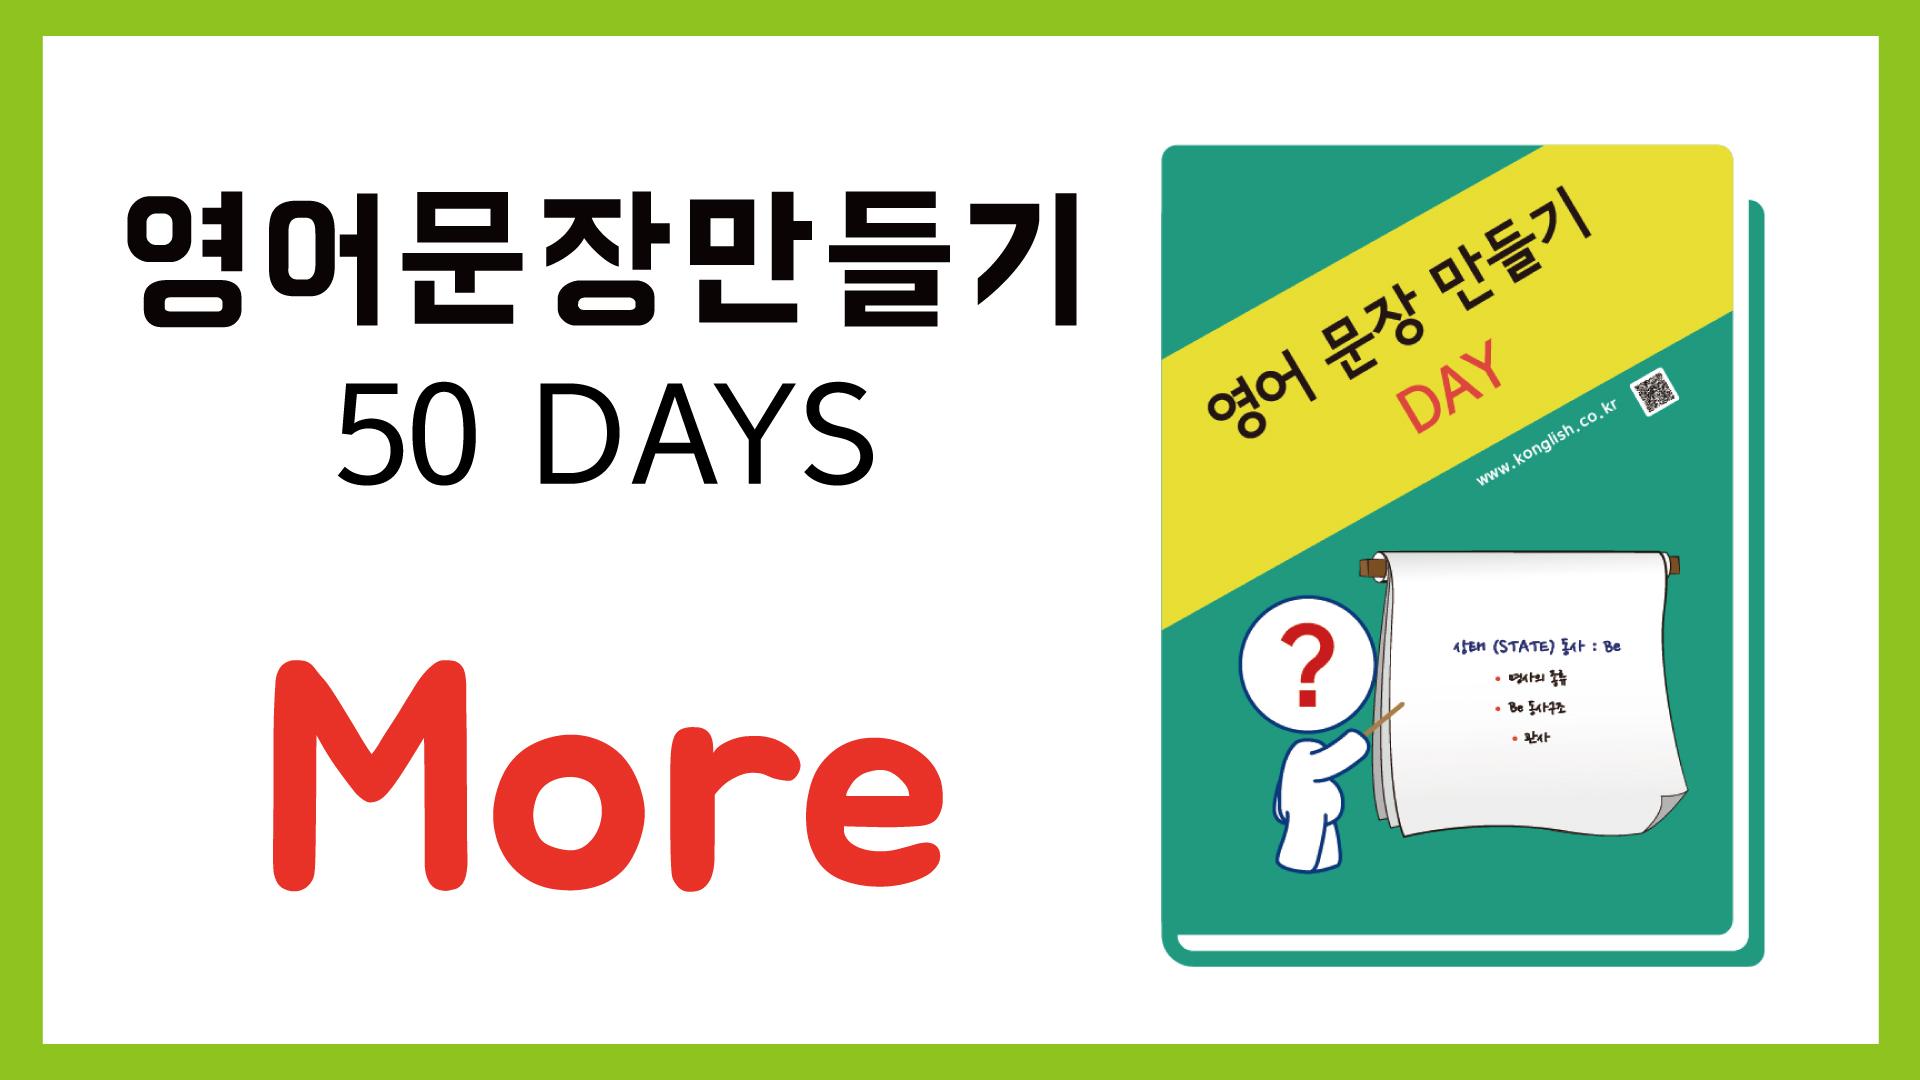 [콩글리쉬 영어] 영어문장만들기 50 Days : More